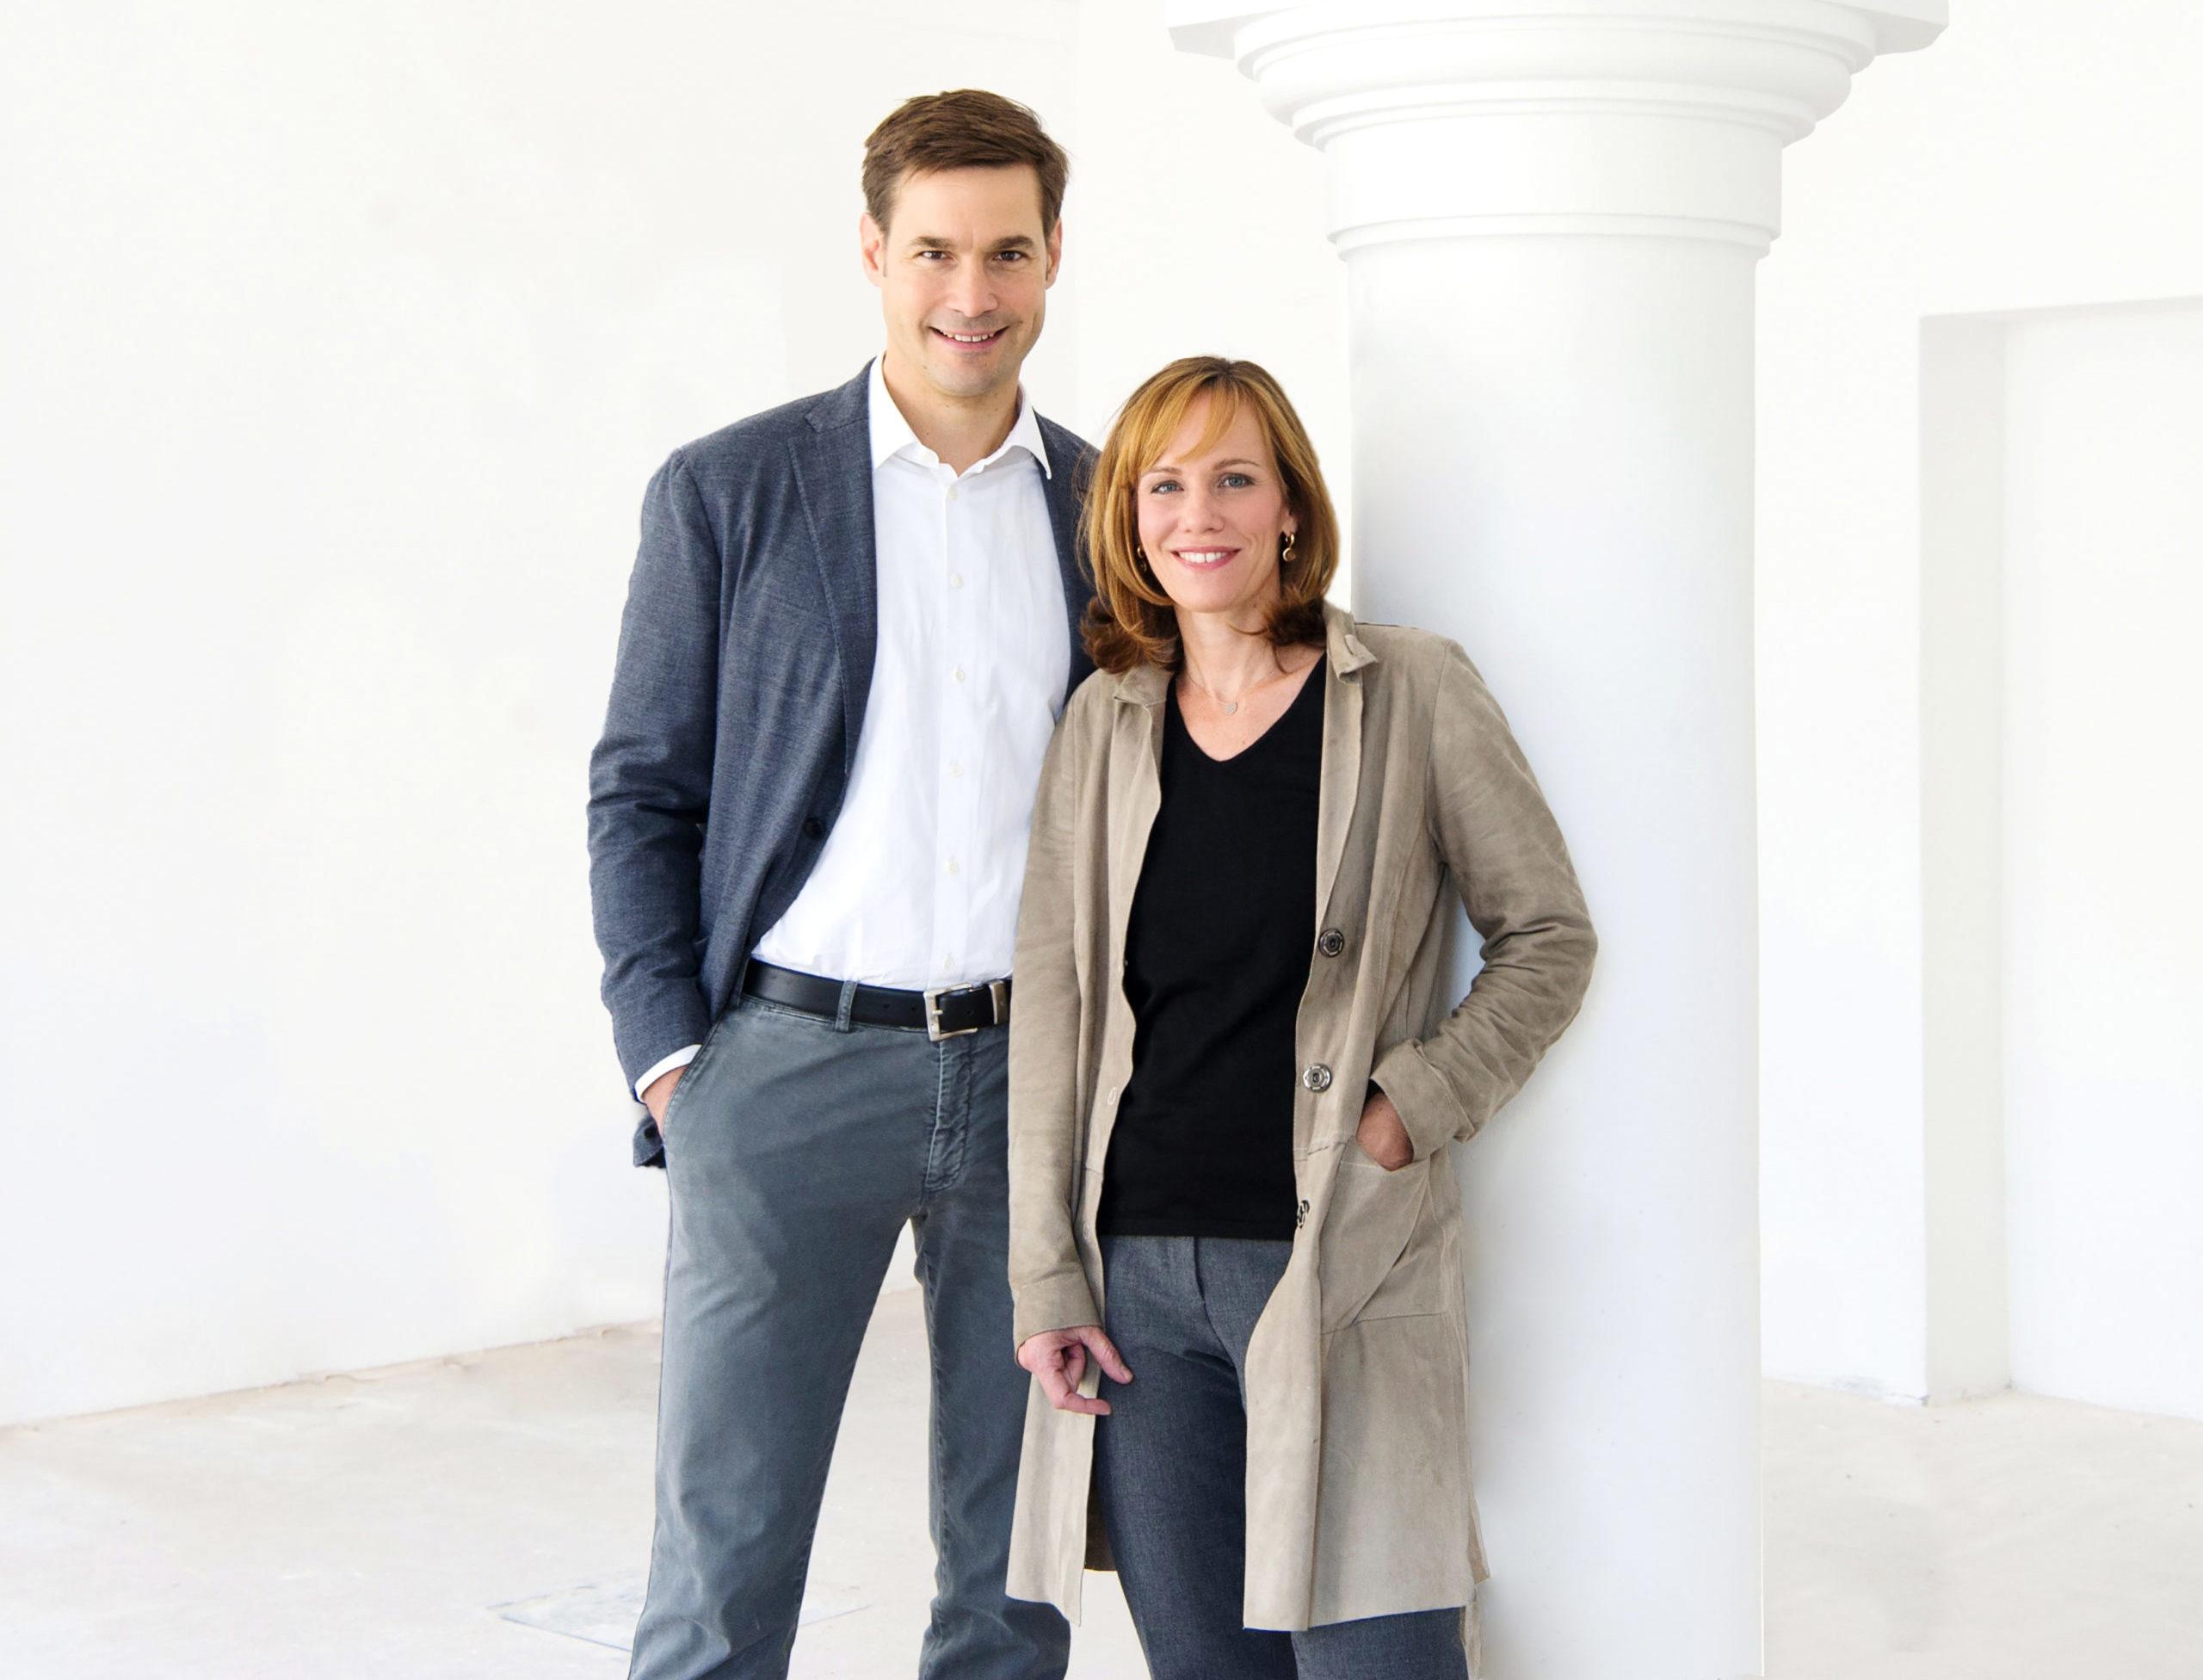 Dres. med Bettina udn Matthias Wolfgarten, Inhaber Forum Wolfgarten